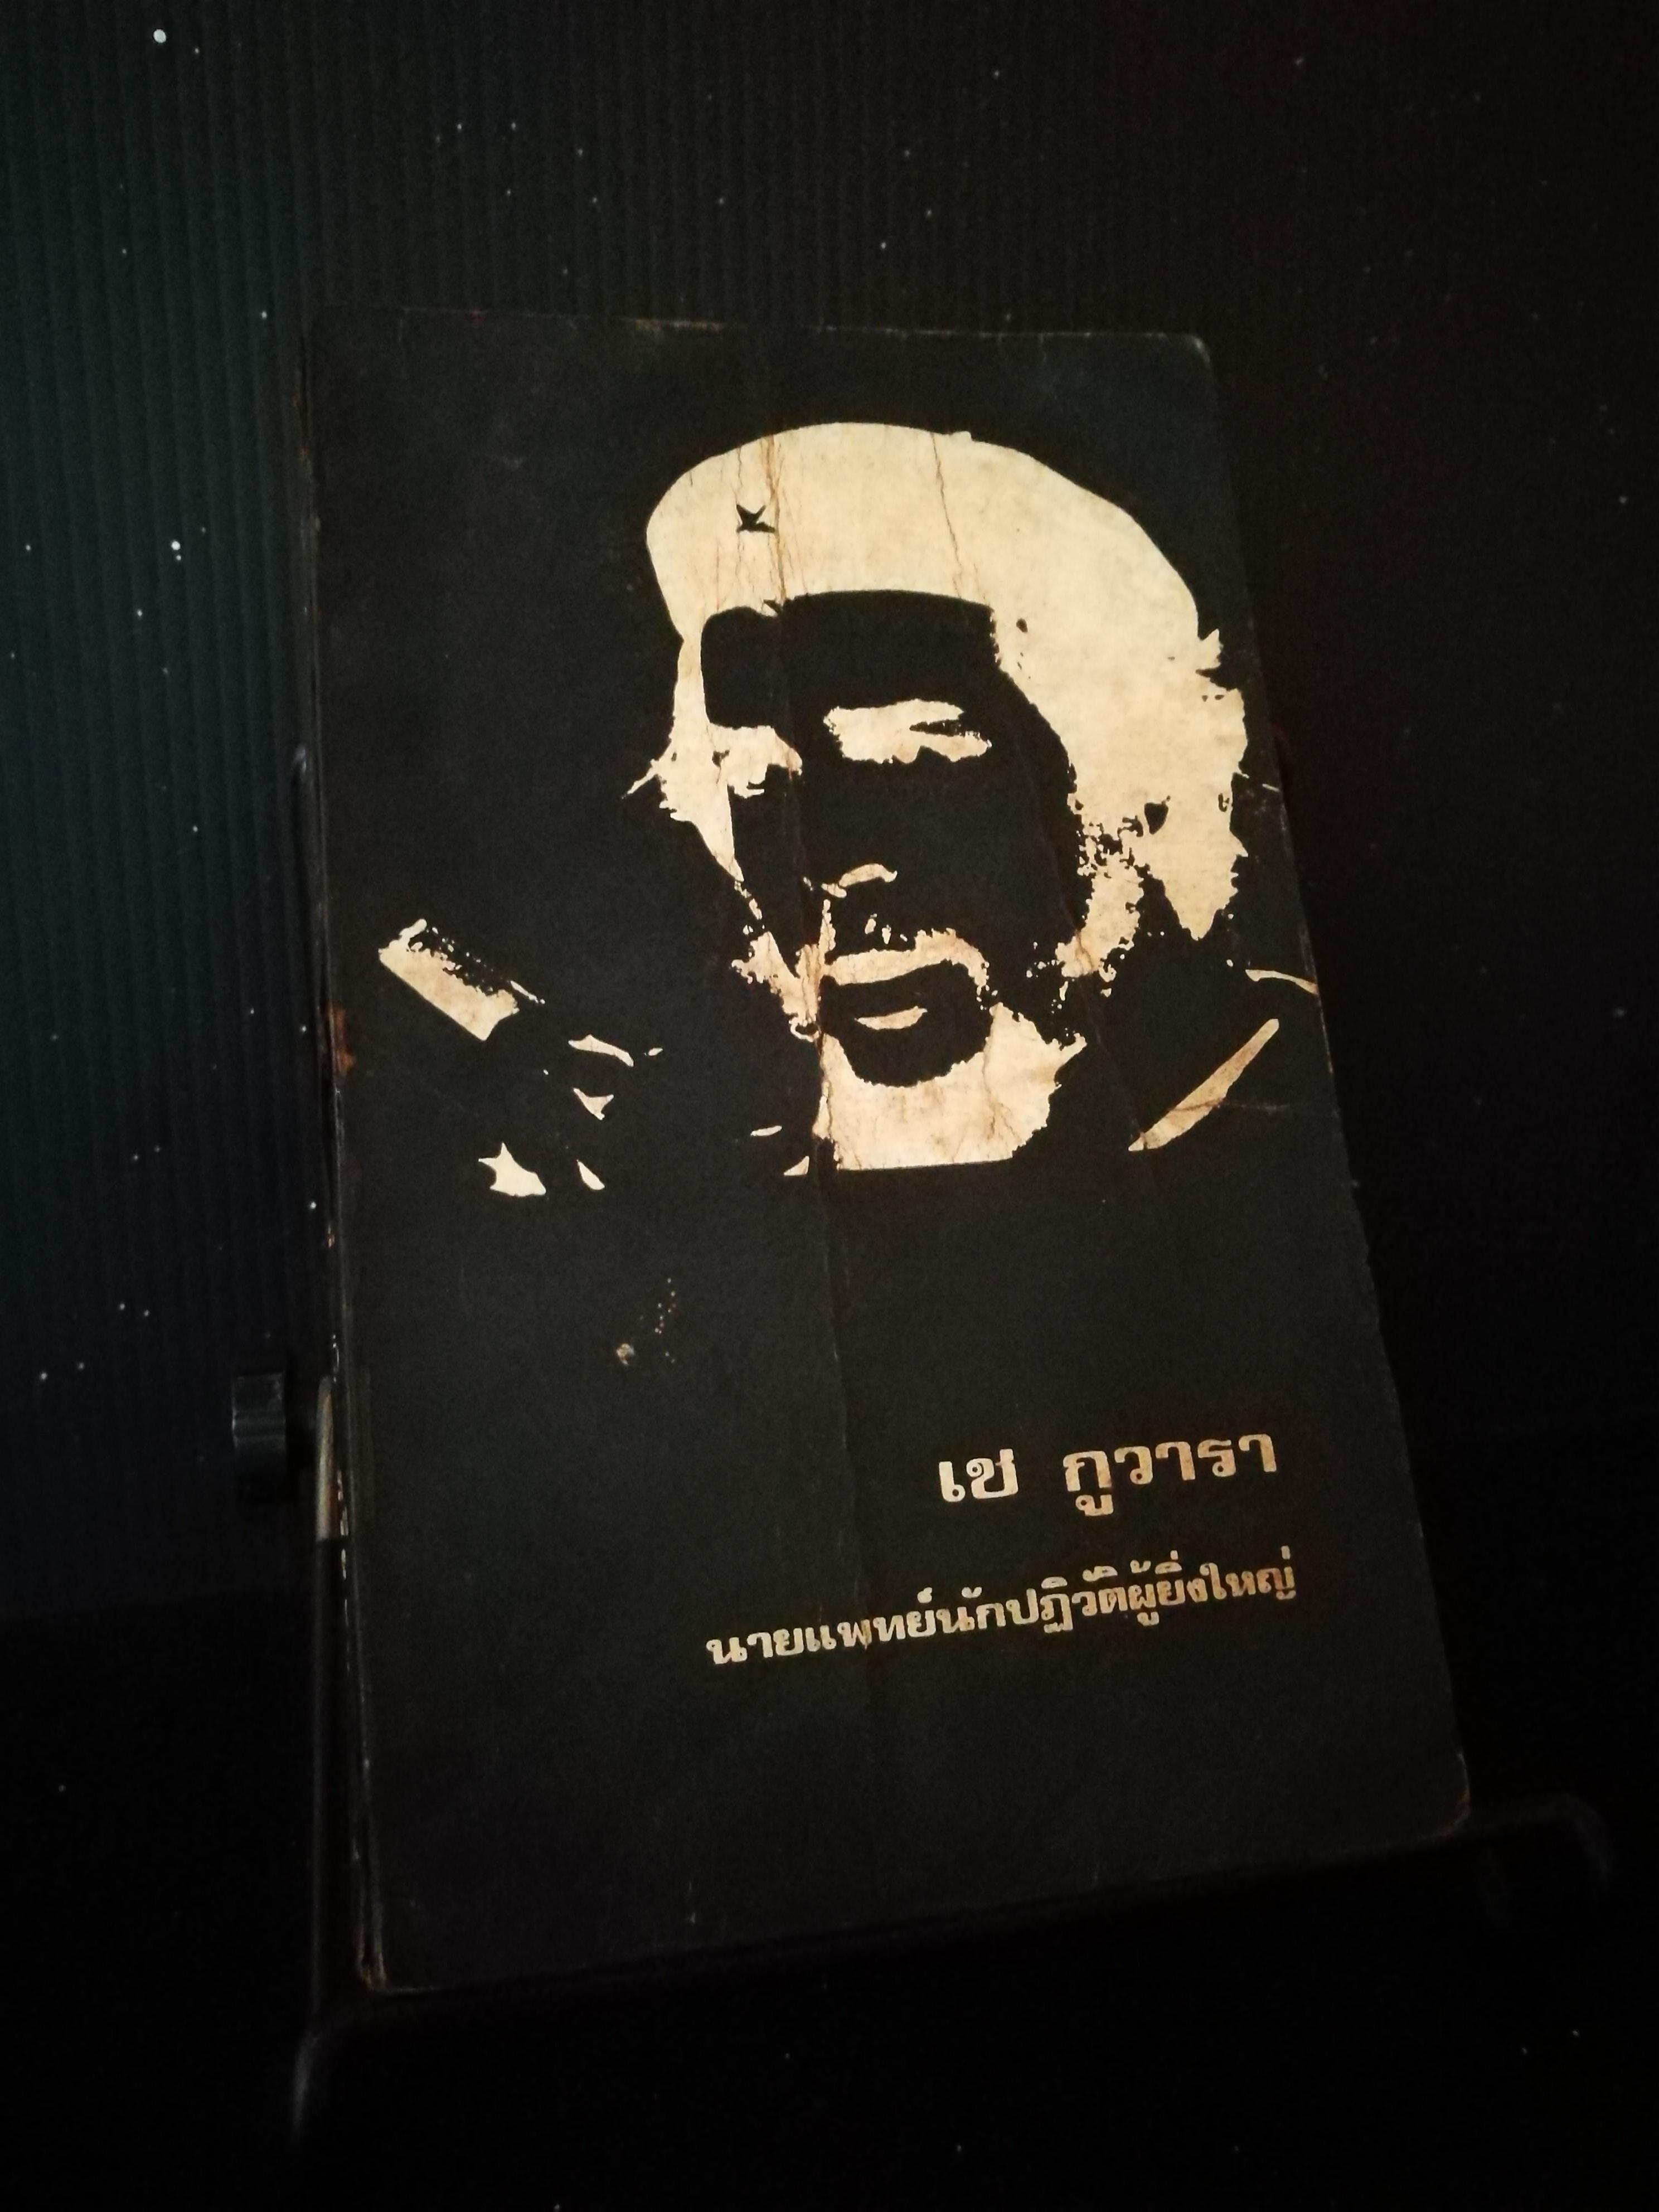 เช กูวารา : นายแพทย์นักปฏิวัติผู้ยิ่งใหญ่ - หนังสือต้องห้าม